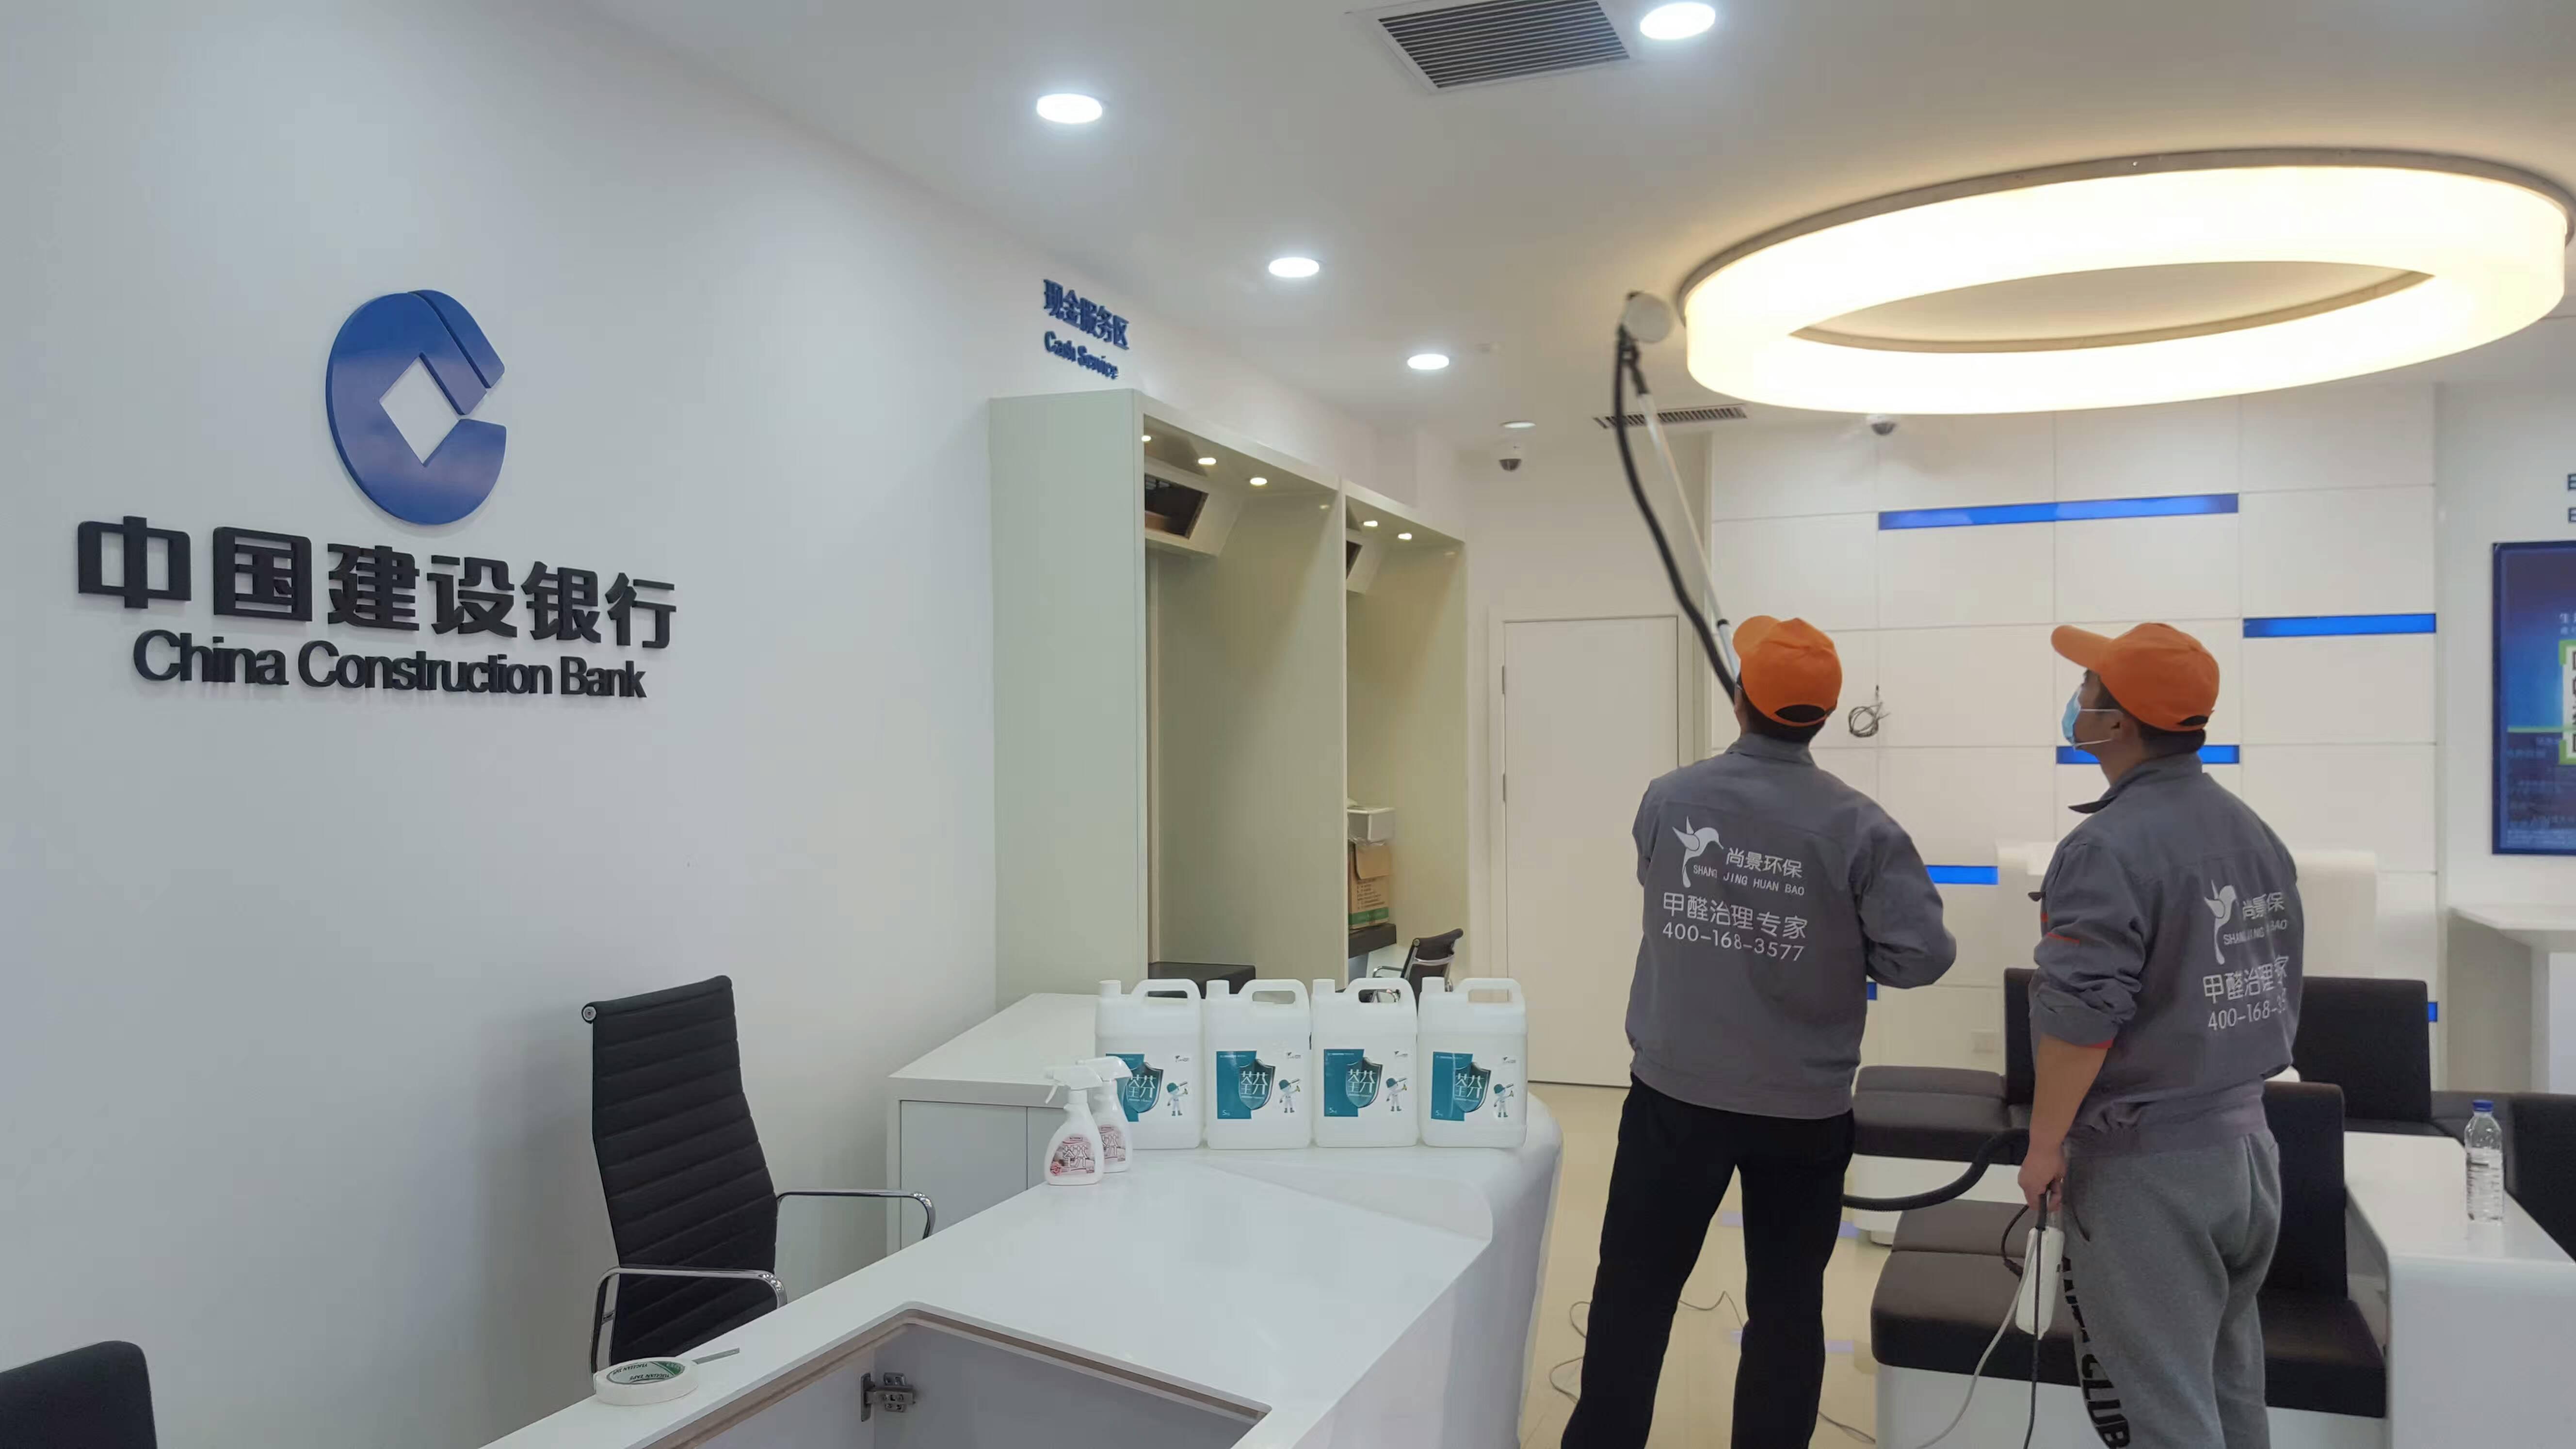 中国建设银行长江支行顶面造型施工